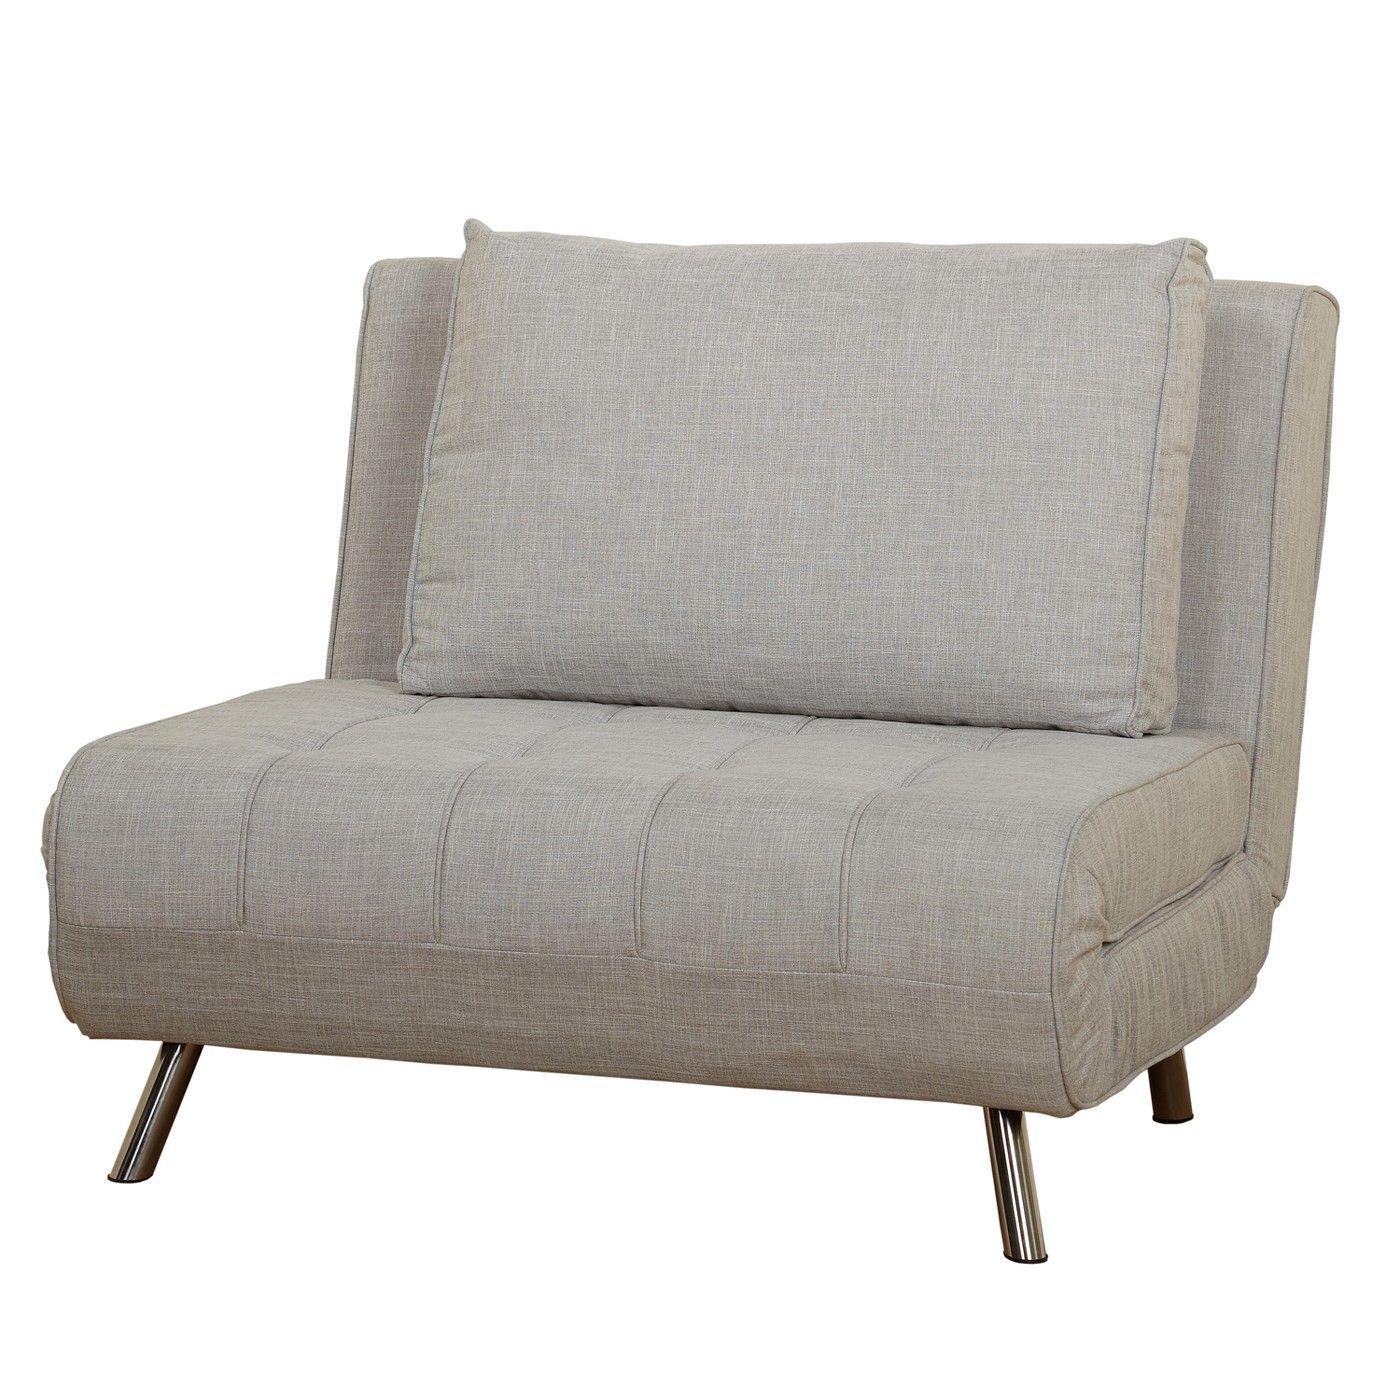 Futon Diy Plans futon studio apartment.Small Futon Modern black futon products.Futon Chair  sc 1 st  Pinterest & Futon Diy Plans futon studio apartment.Small Futon Modern black ...